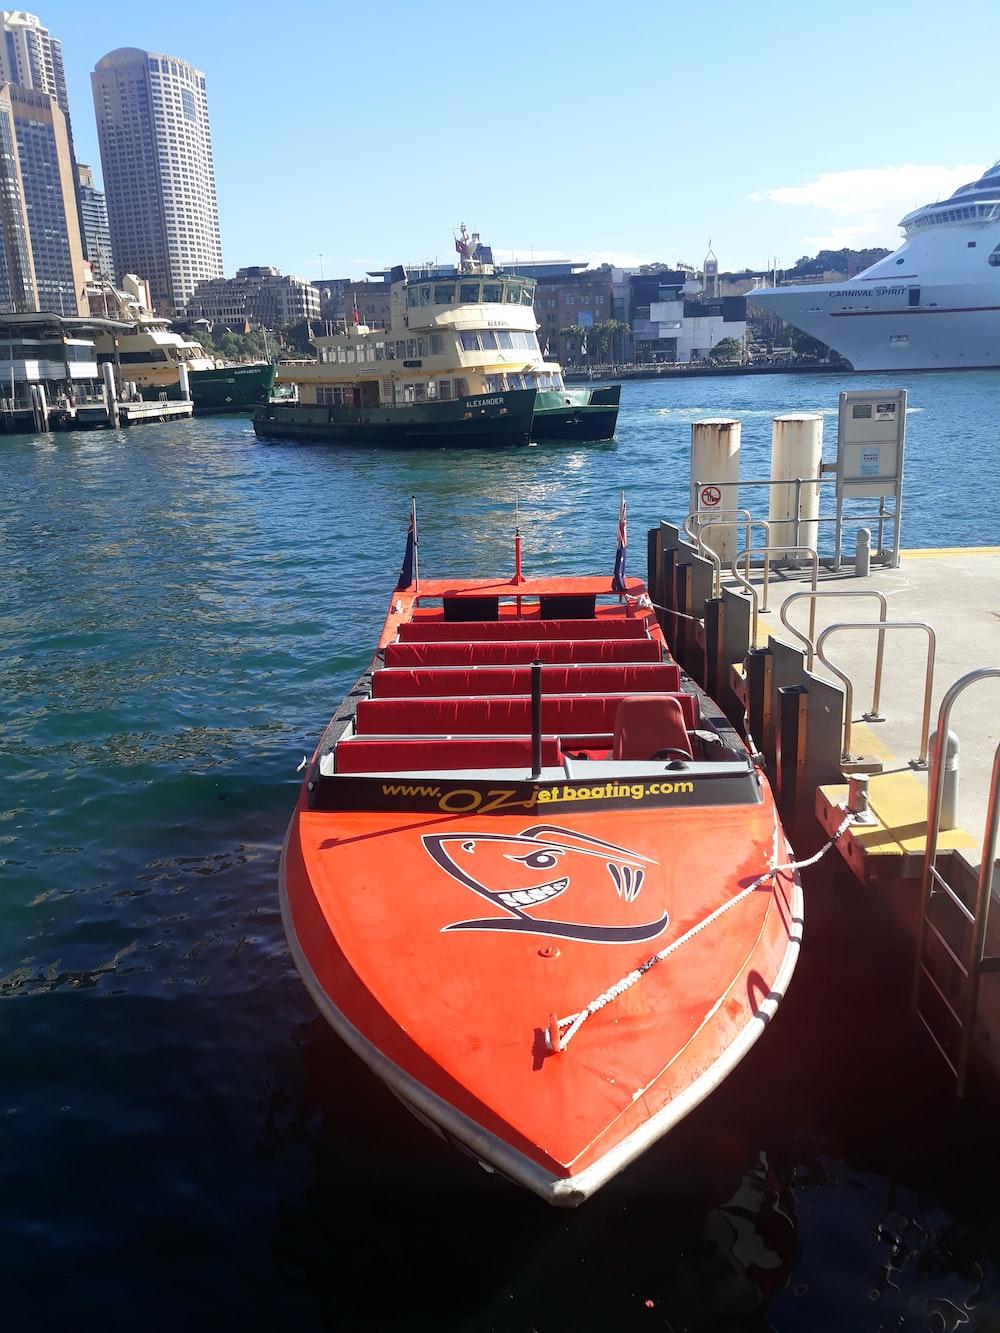 orange and white motor boat beside dock